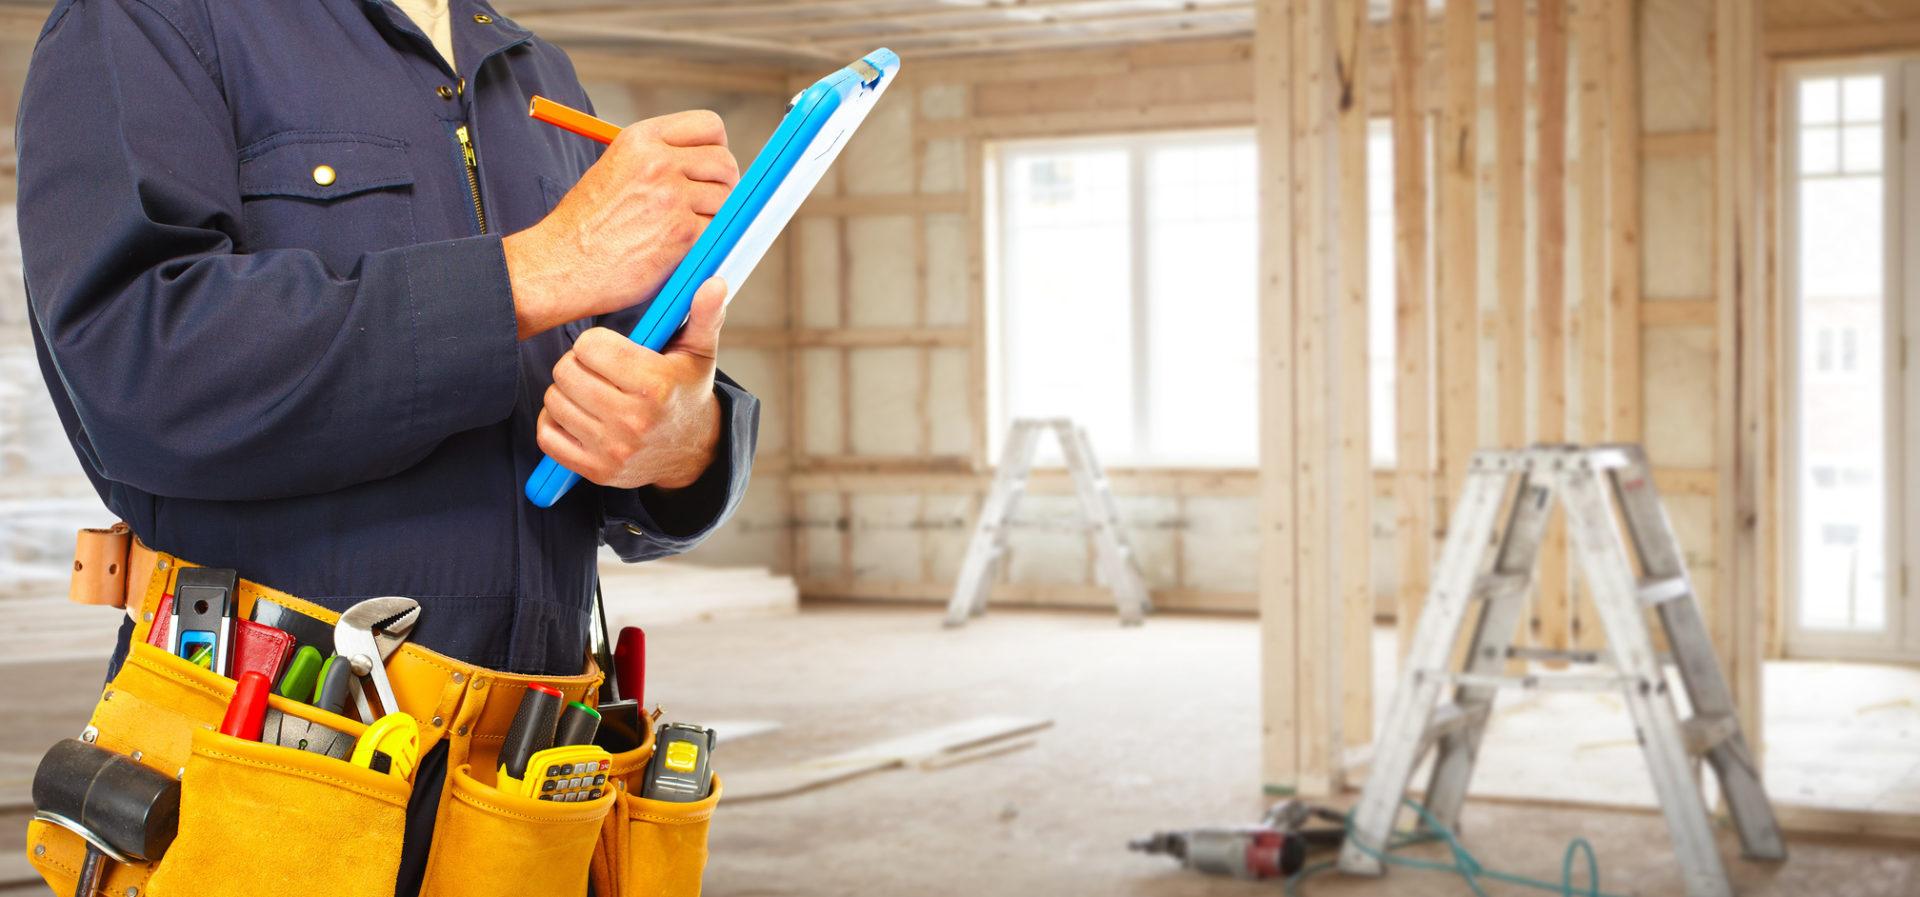 I consigli di delvecchio per ristrutturare casa in sicurezza corriere dell 39 economia - Consigli per ristrutturare casa ...